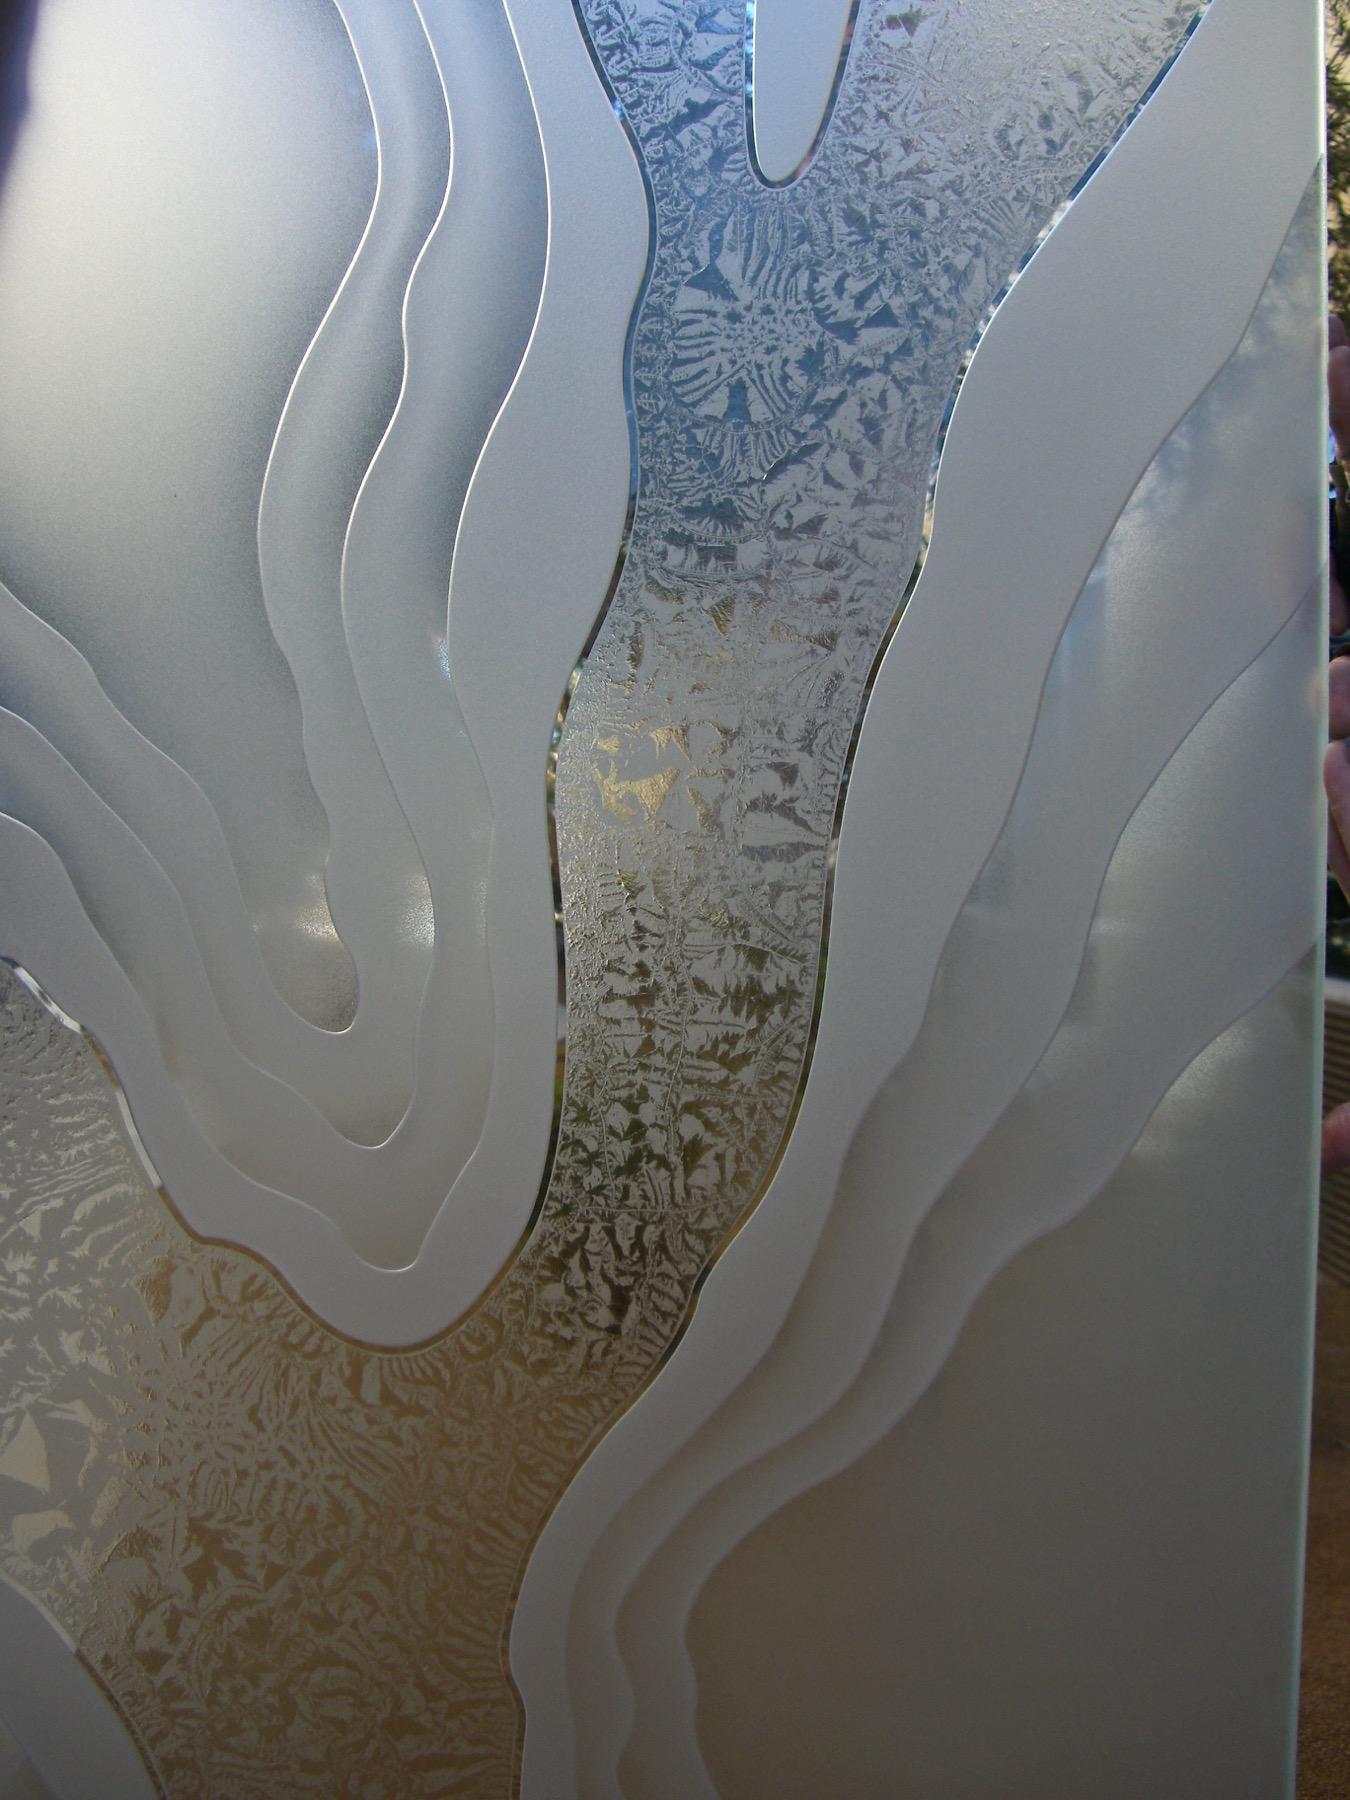 etched glass abstract liquid sans soucie Sans Soucie Art Glass